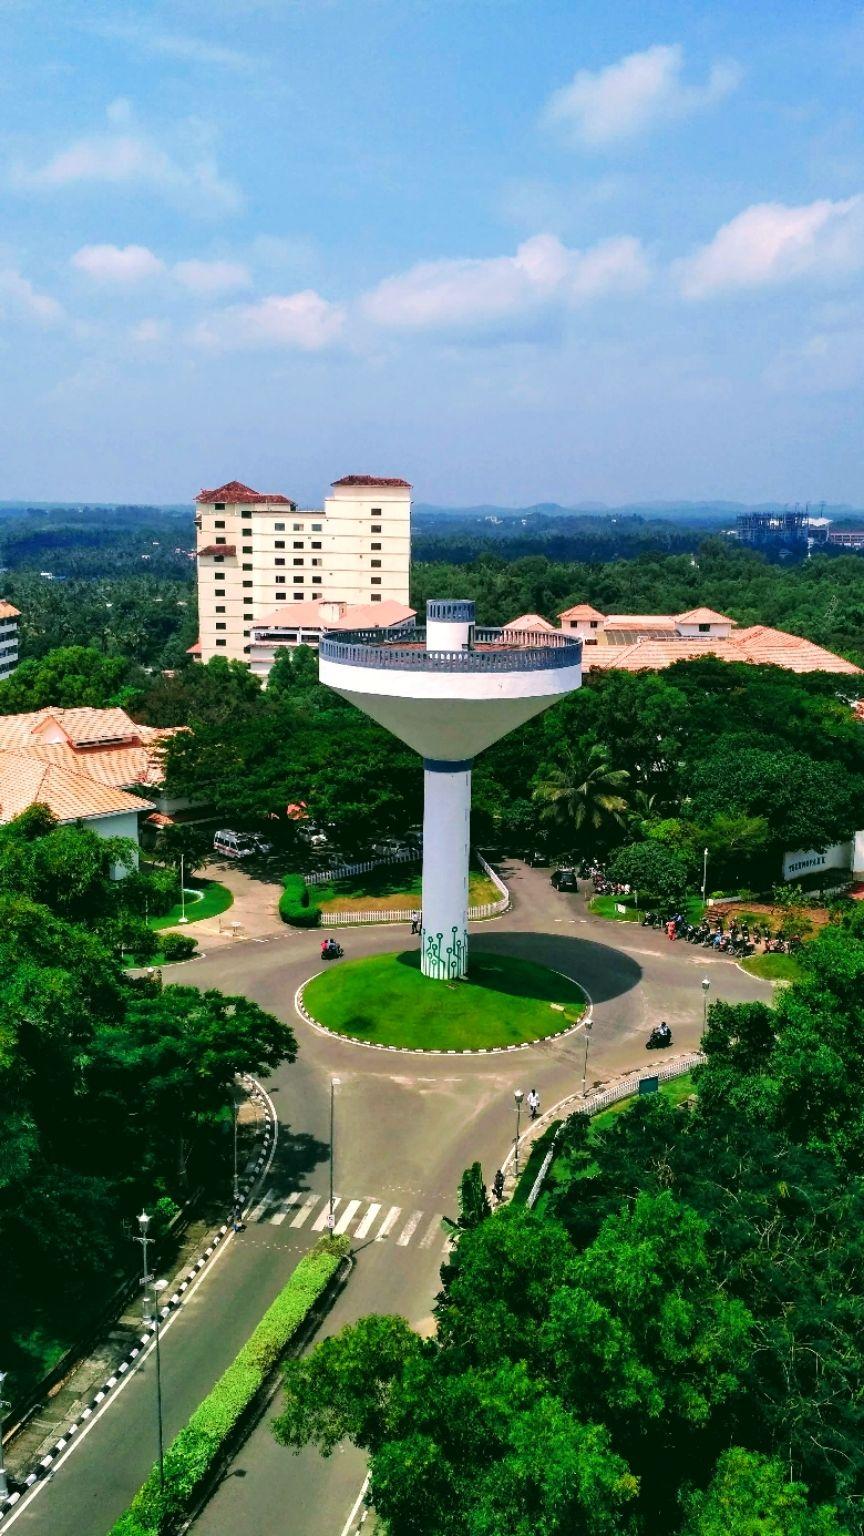 Photo of Technopark Campus By Sooraj Sathyan